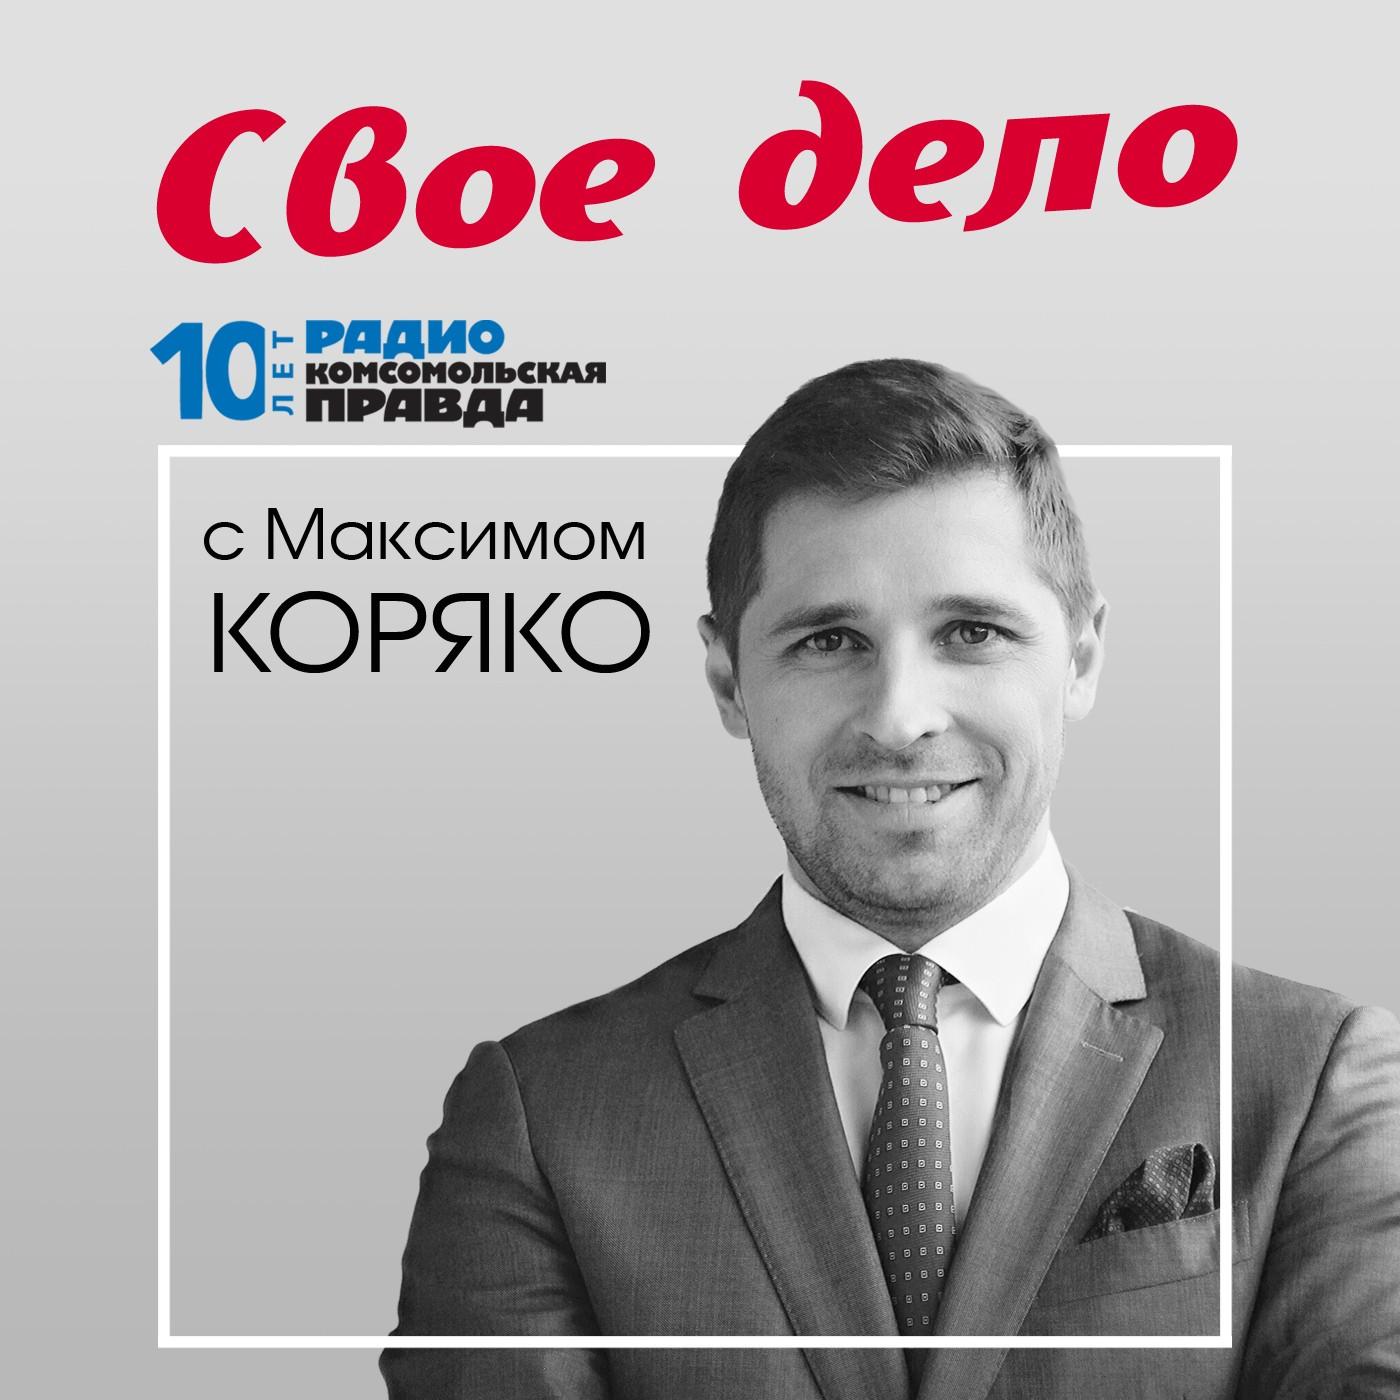 Радио «Комсомольская правда» Рублем по струнам радио комсомольская правда в какую секцию отдать ребенка